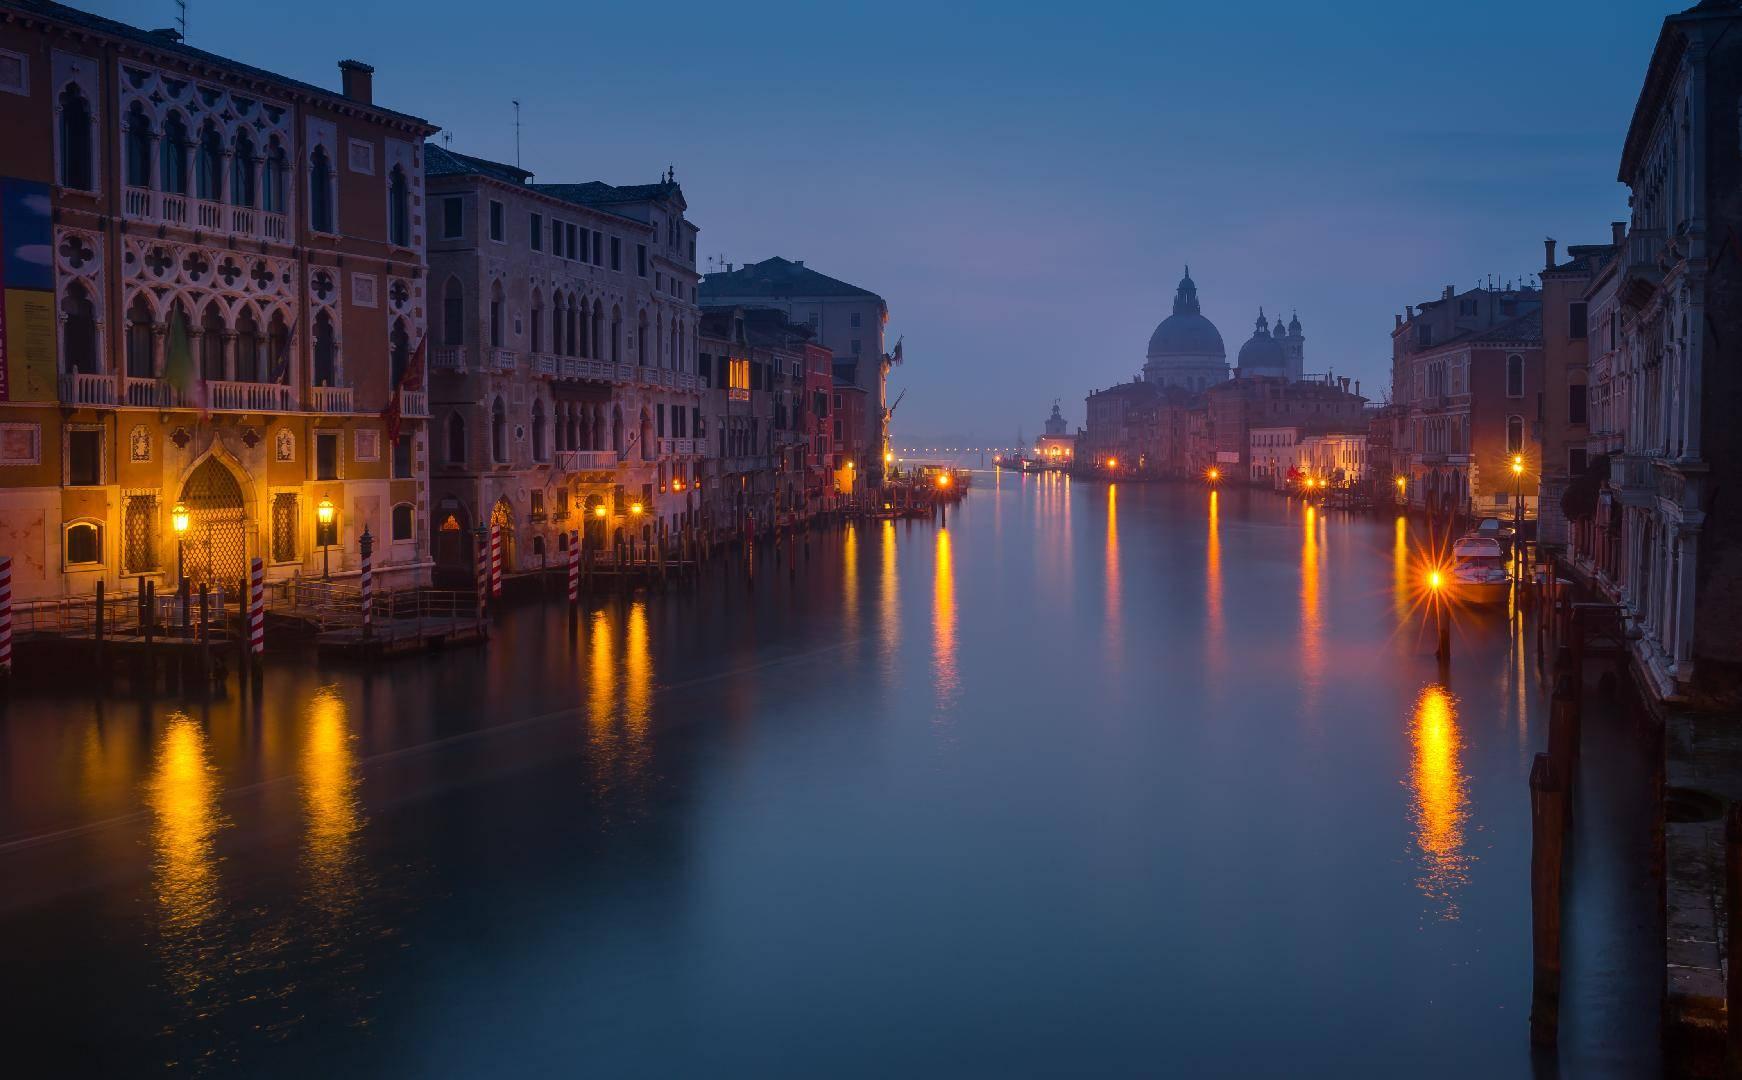 ایتالیا,دیدنی های ایتالیا,عکس های ونیز